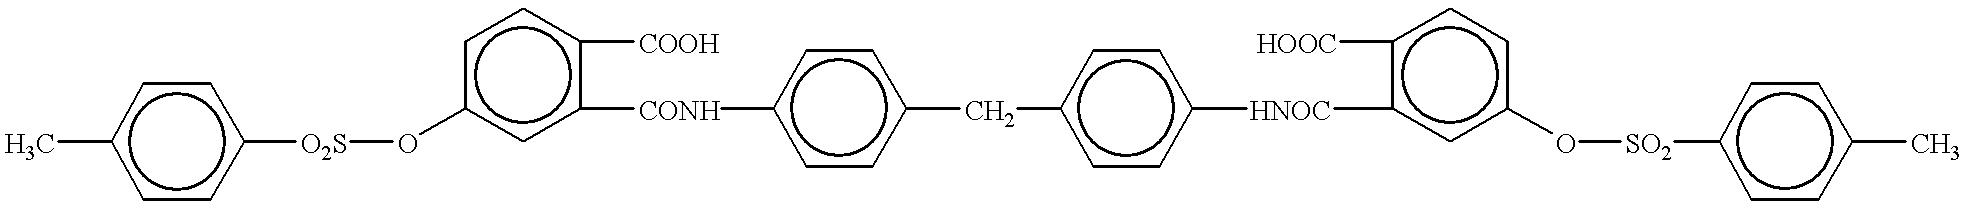 Figure US06180560-20010130-C00425